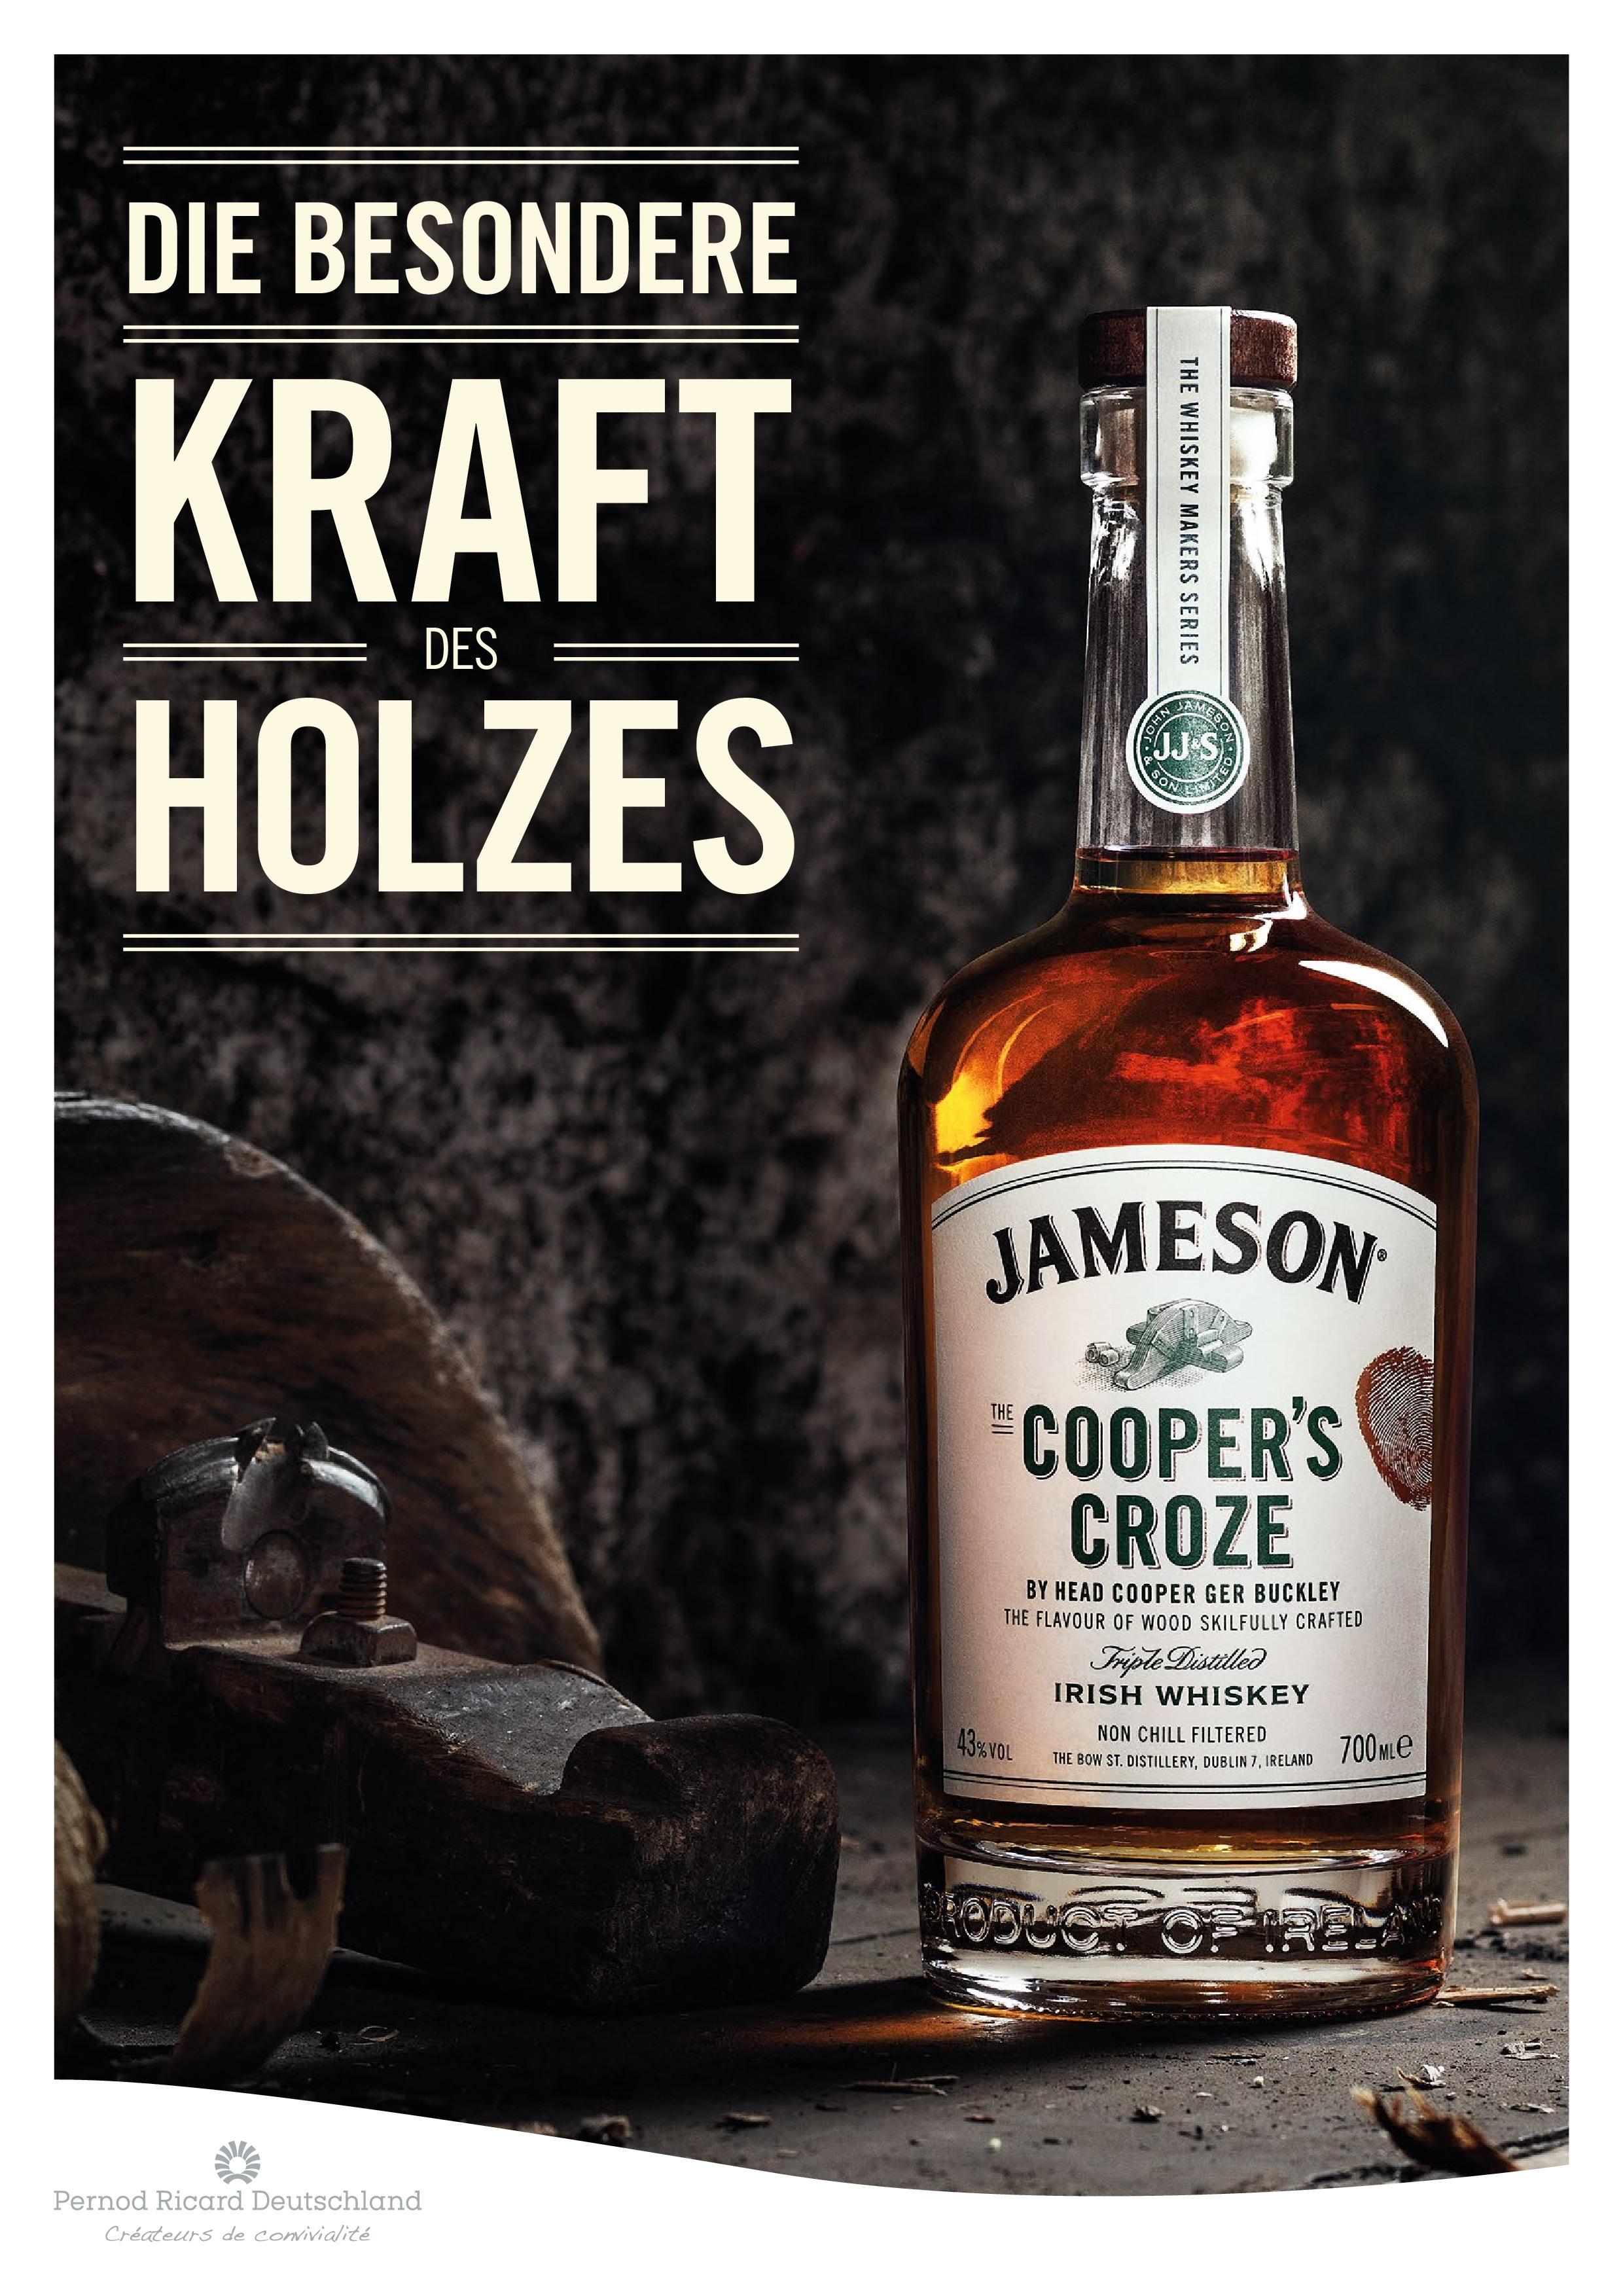 Jameson Coopers Croze Whiskey